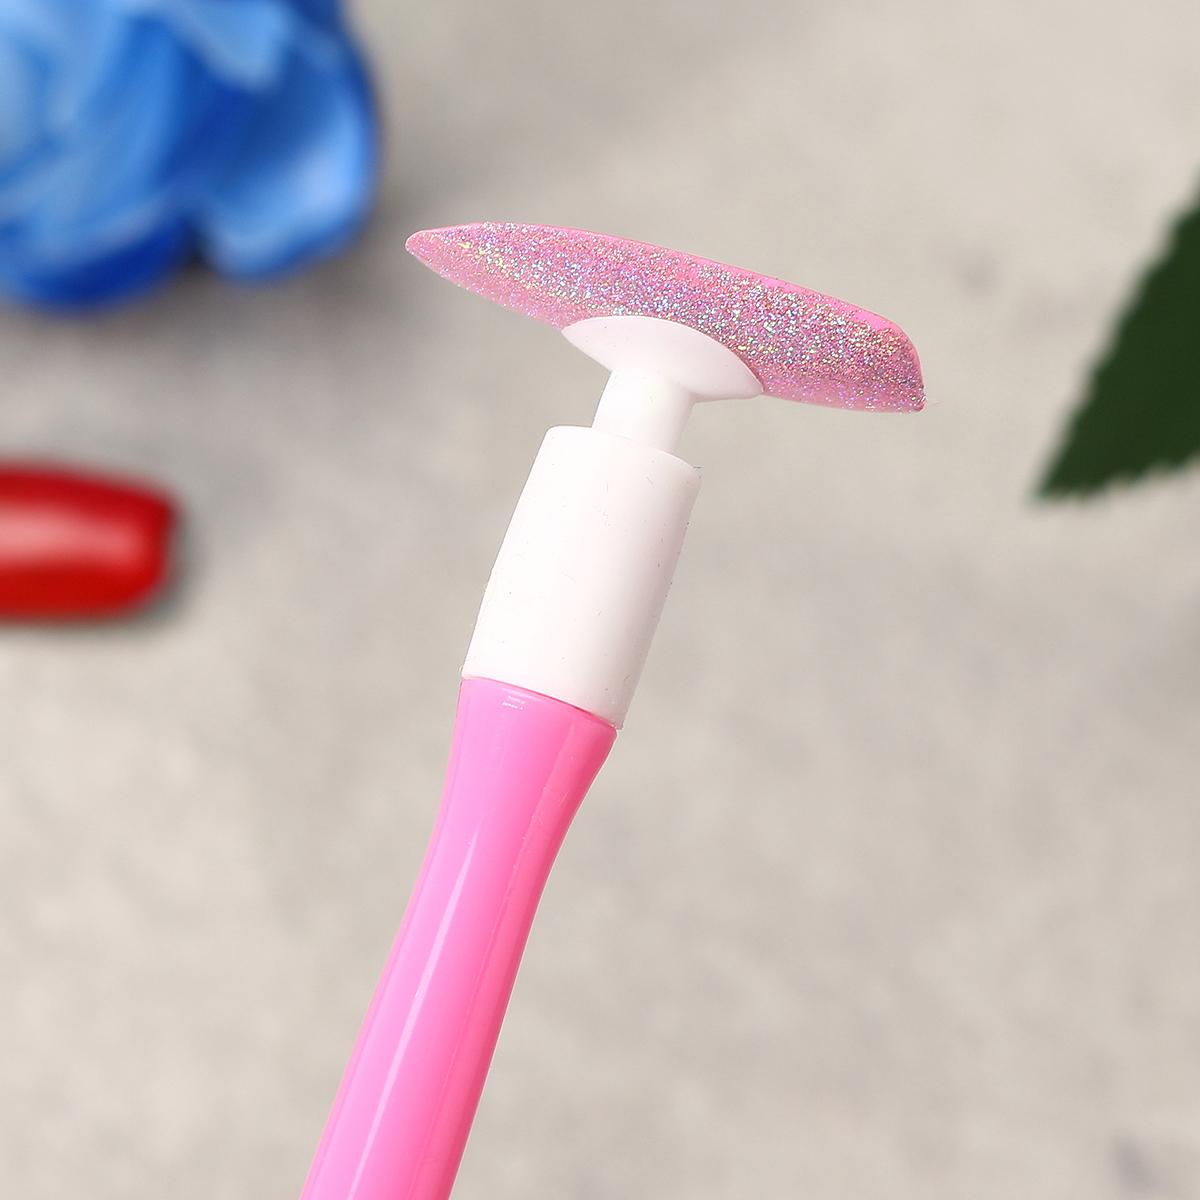 10Pcs Portable False Nail Tips Pen Suction Remove Stick